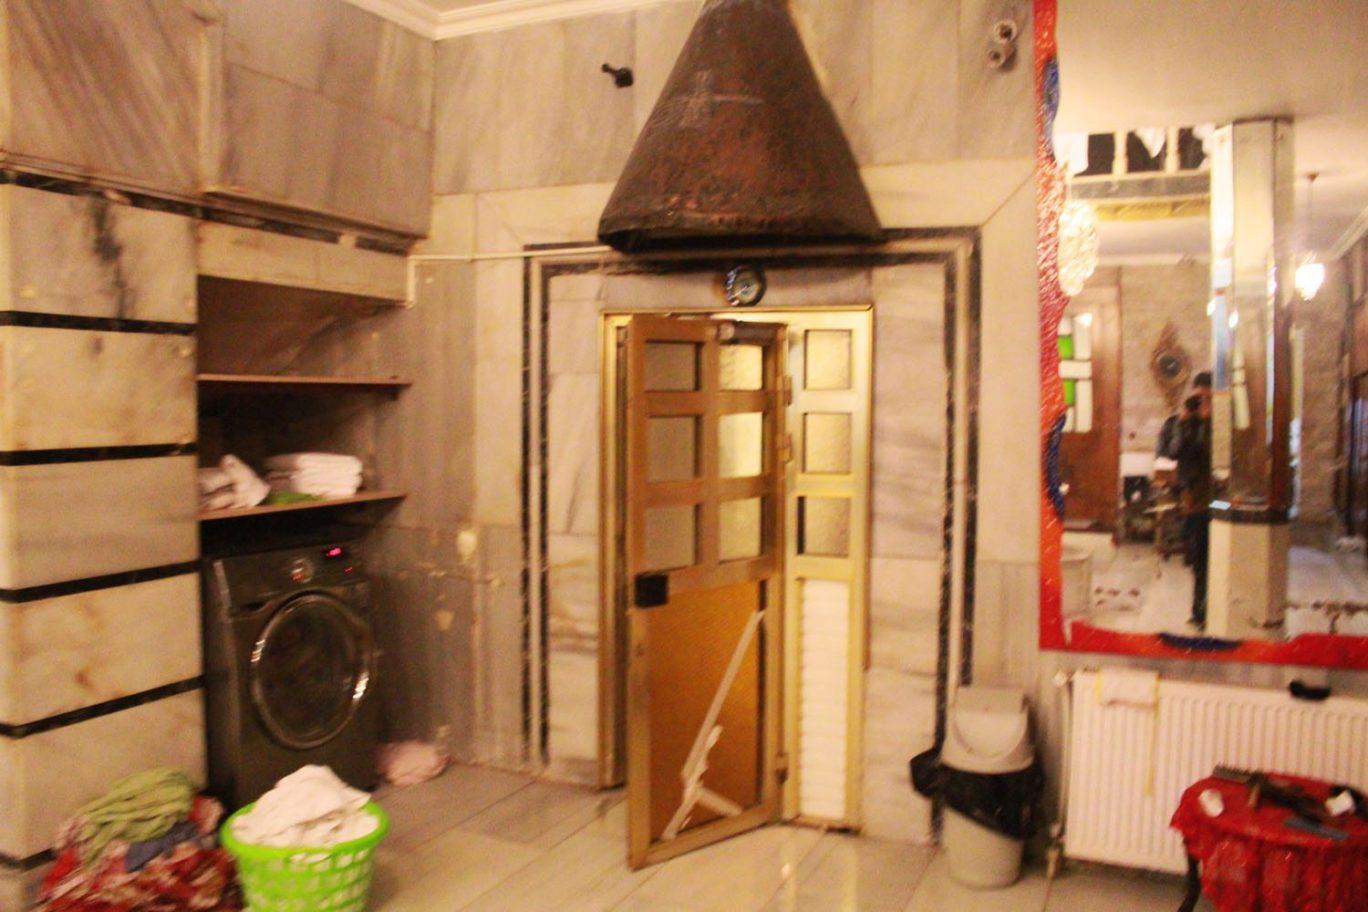 wet floor at aga hamam turkish bath